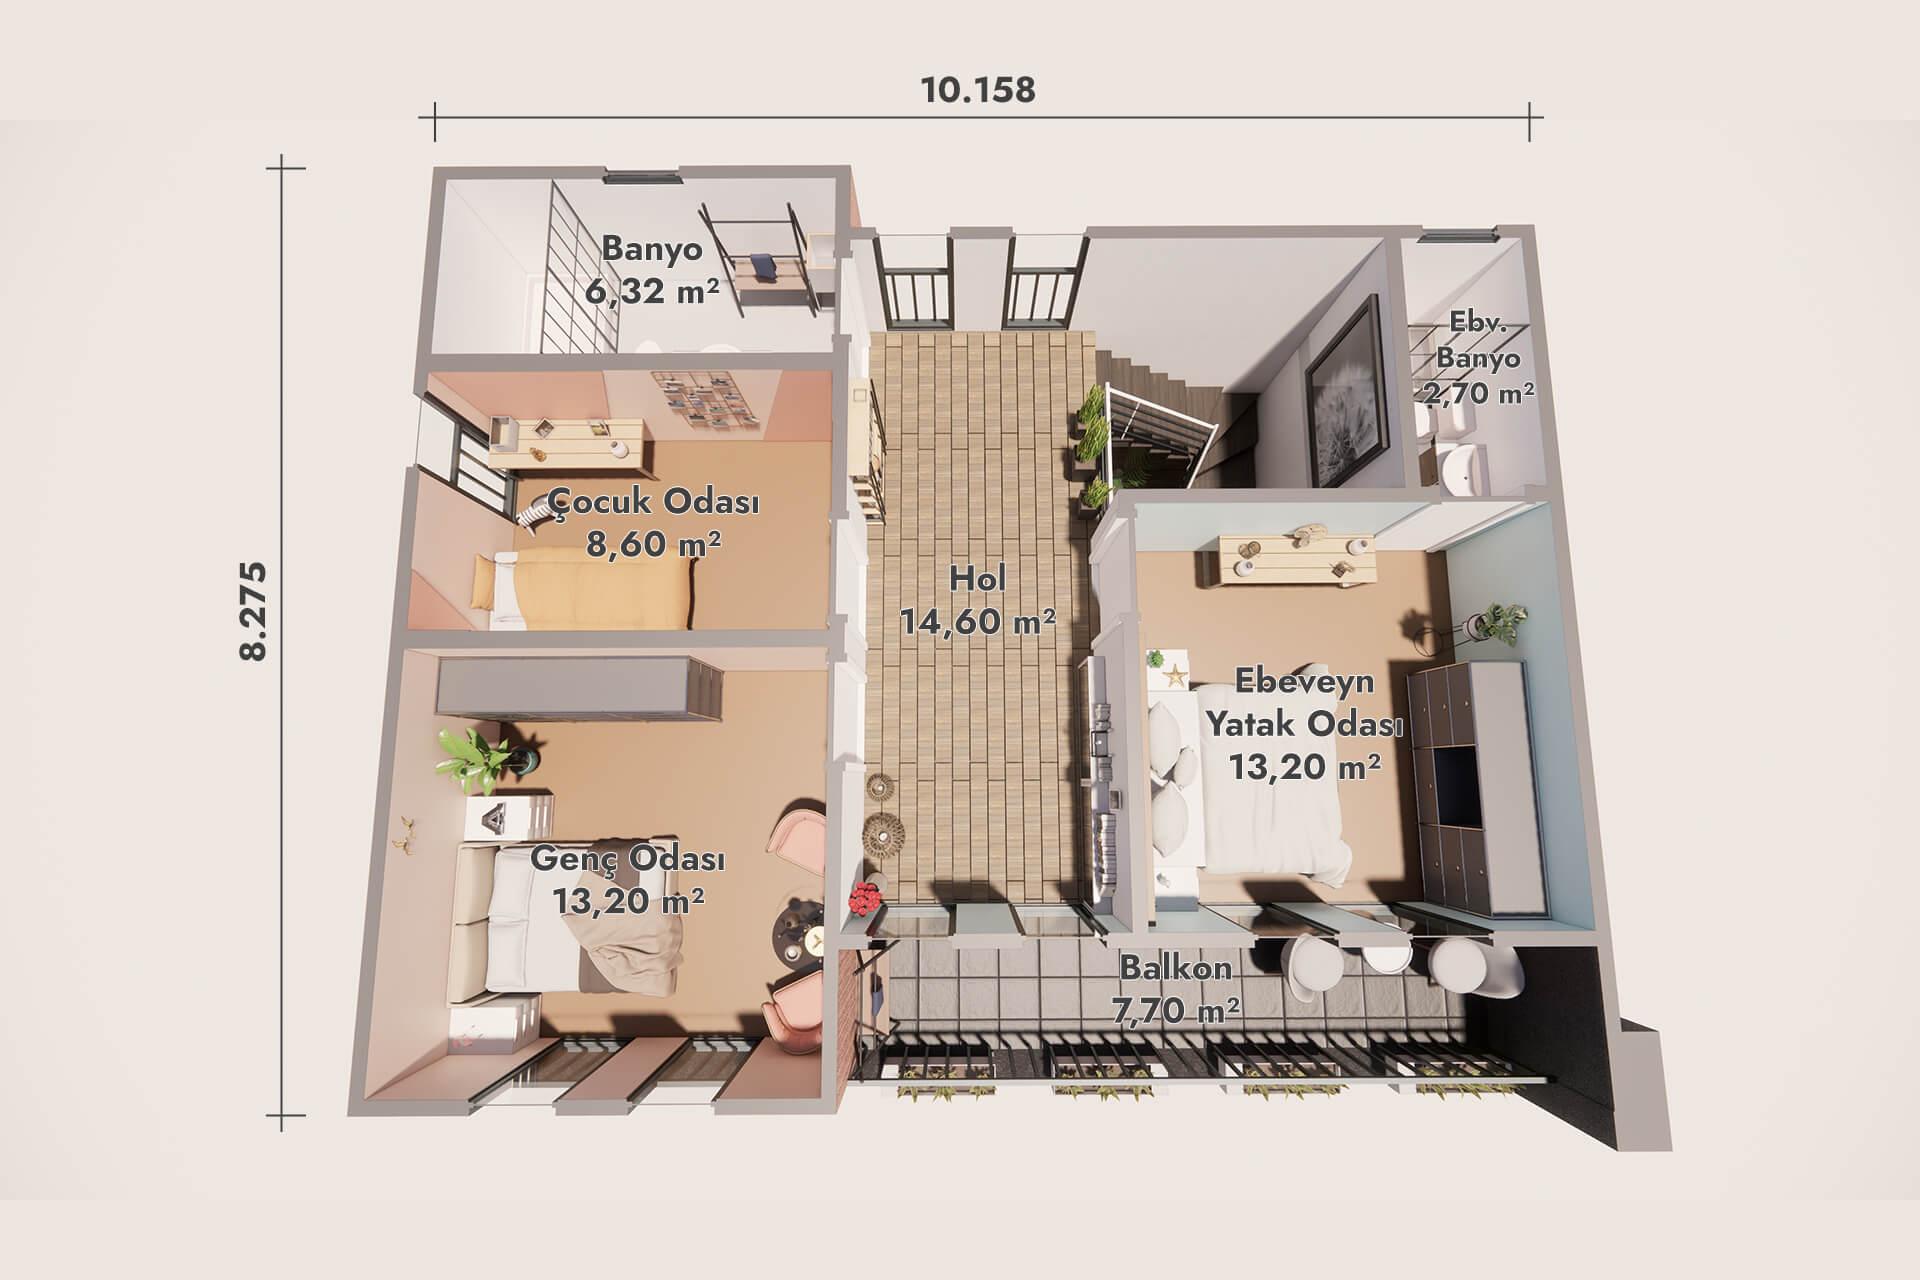 Prefabricated Modern Villas 160 m2 - Ground floor